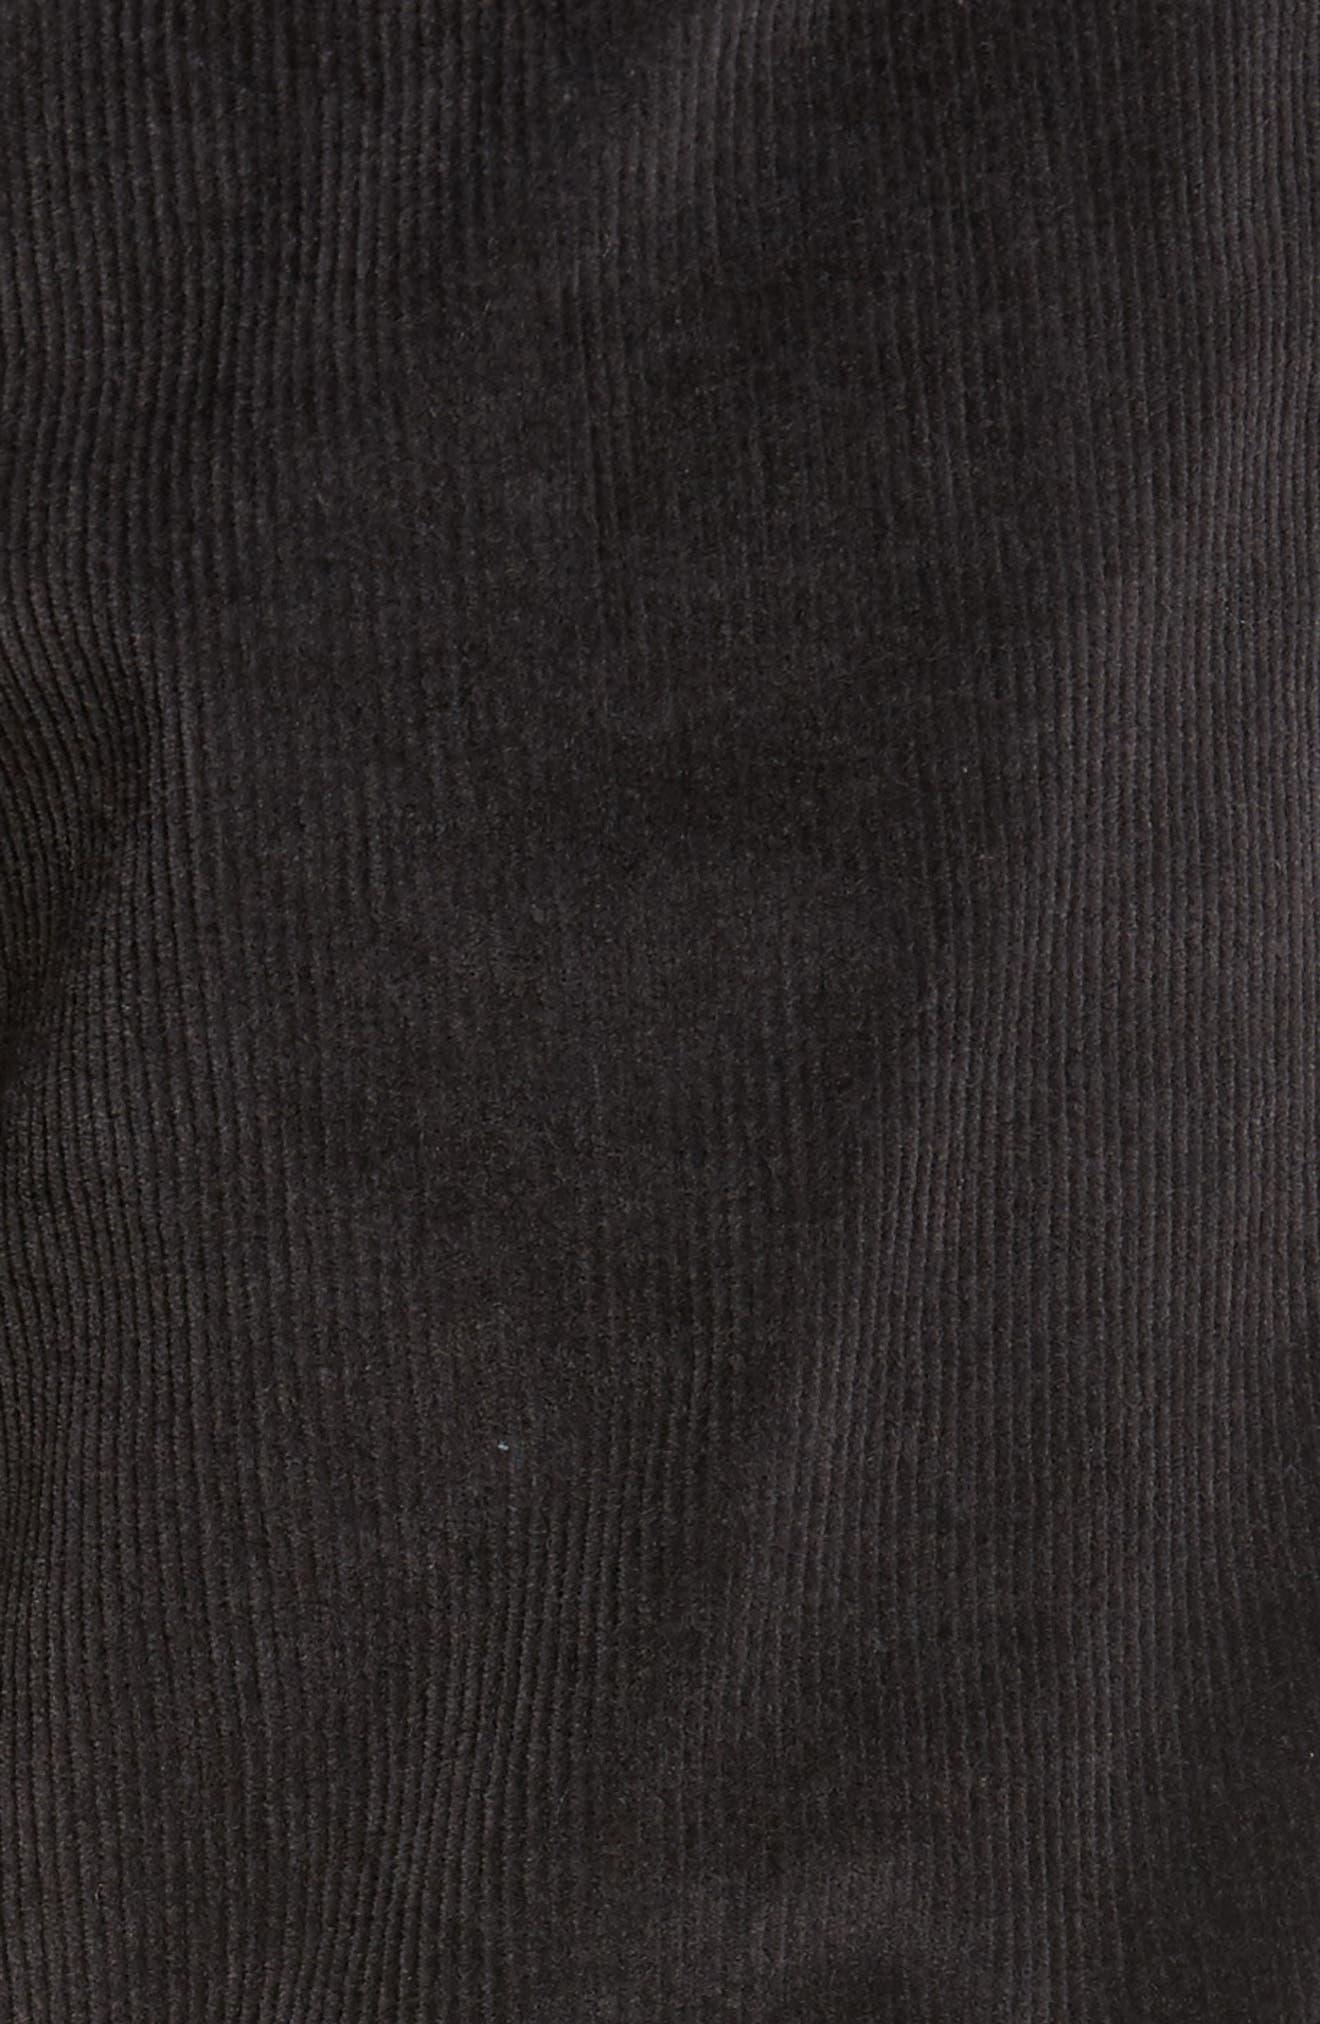 Outsider Corduroy Pants,                             Alternate thumbnail 5, color,                             Charcoal